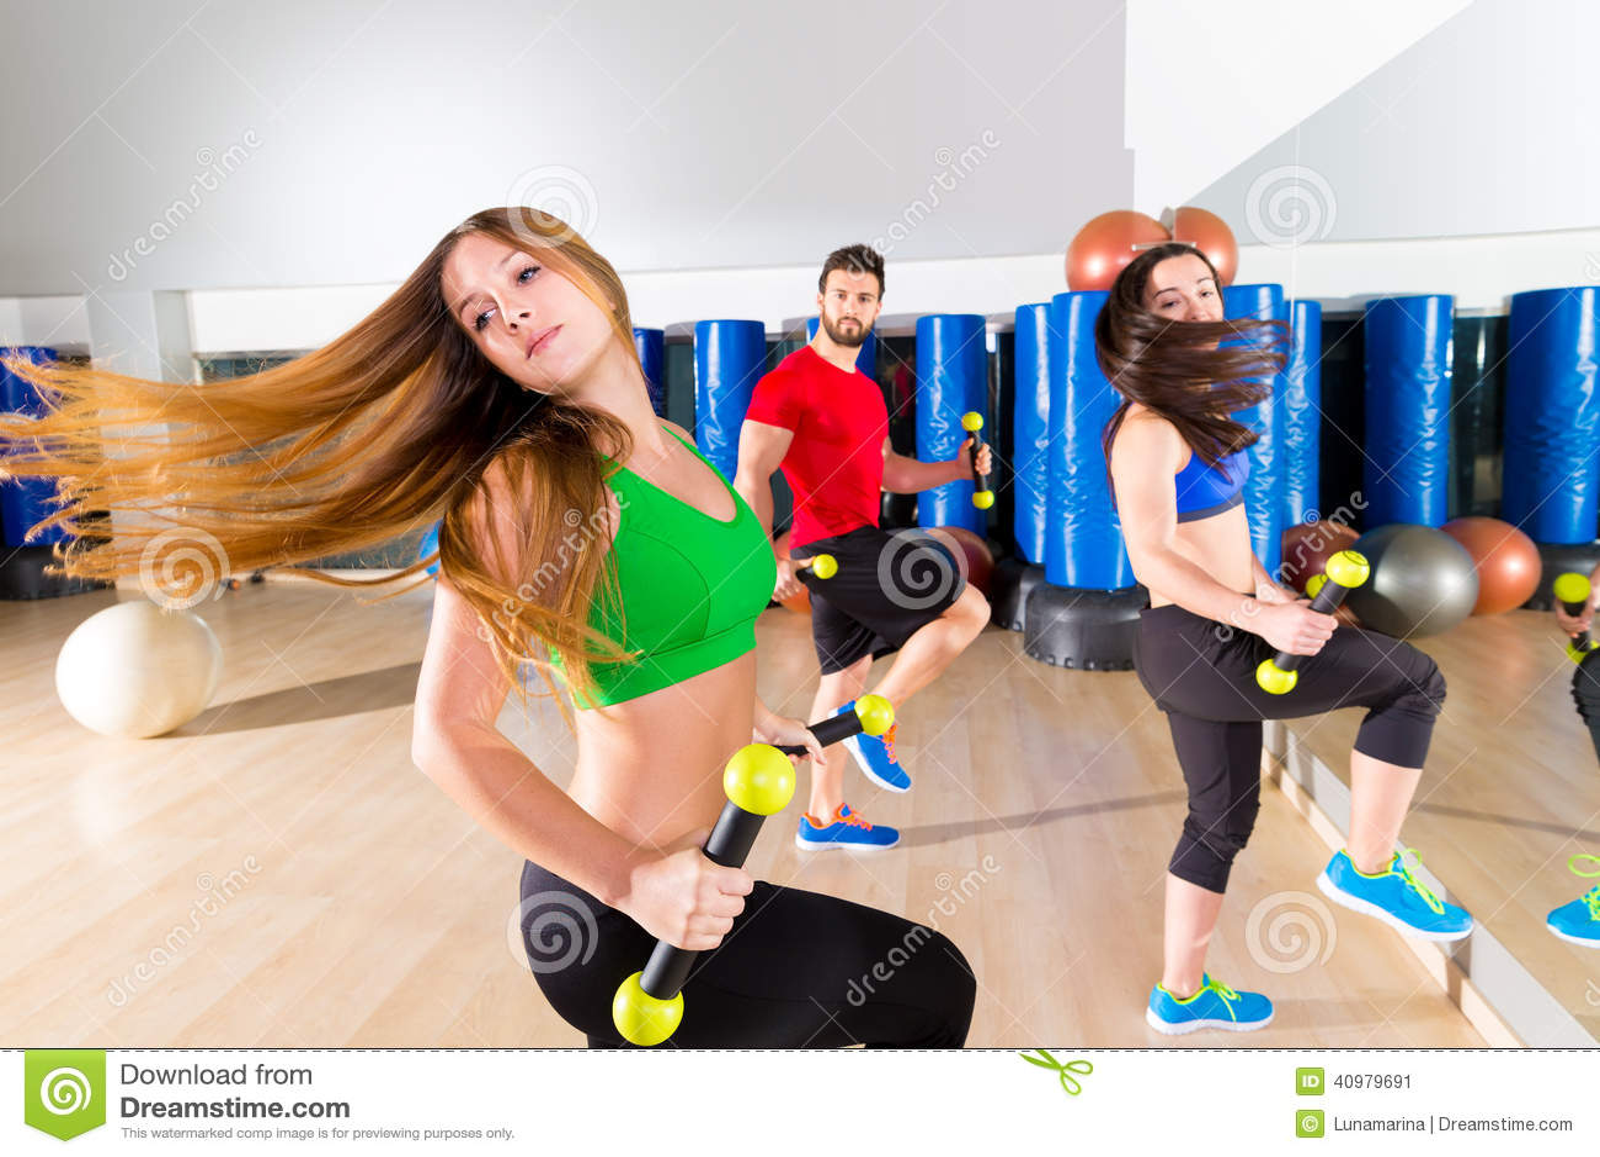 Группа людей танца Zumba cardio на спортзале фитнеса